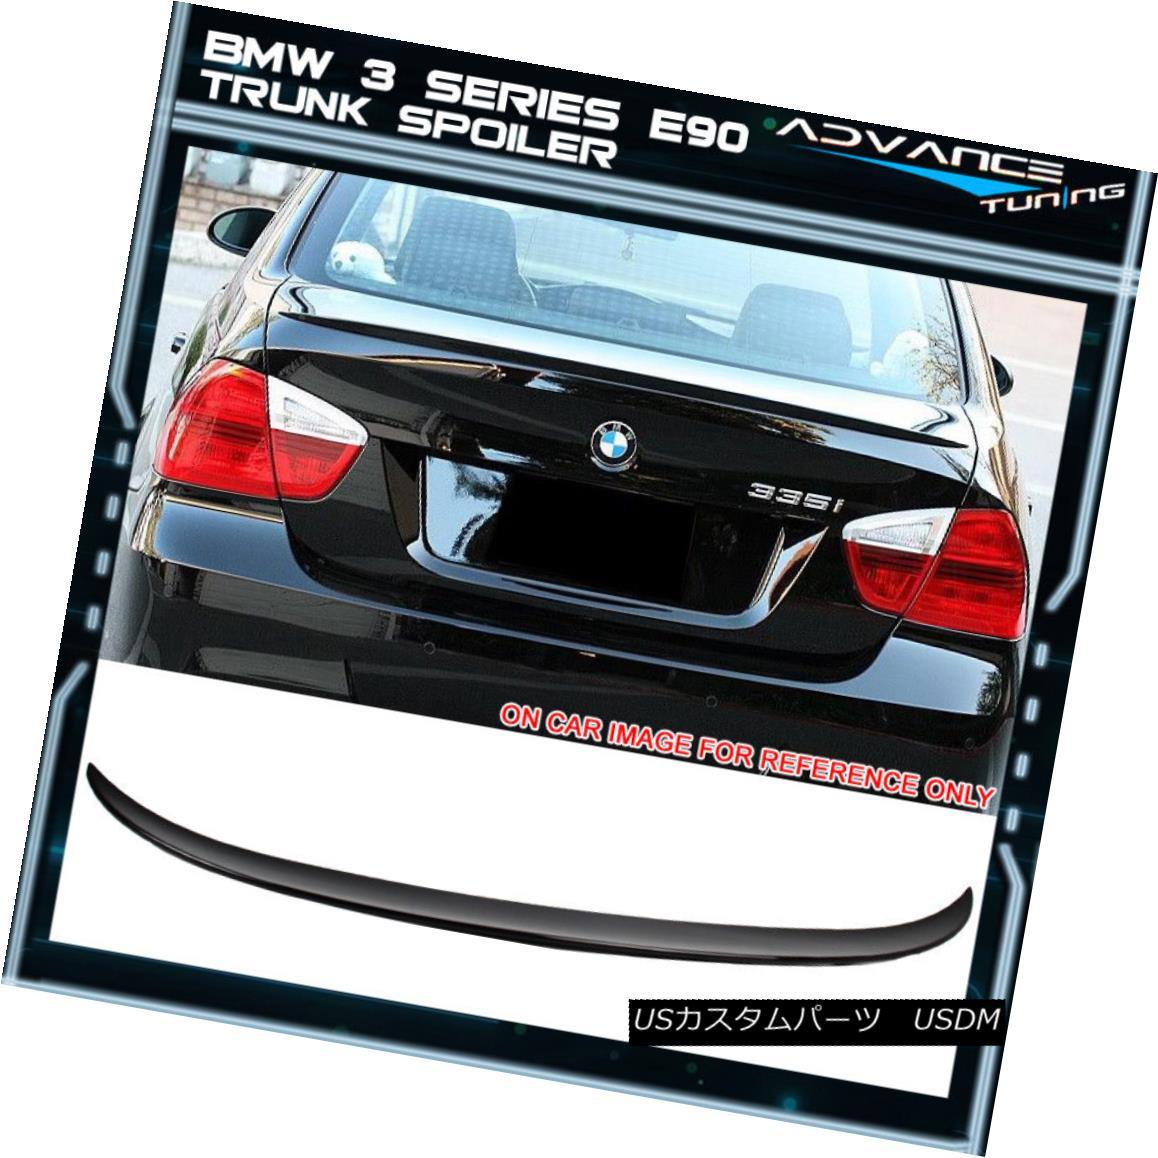 エアロパーツ 06-11 BMW 3 Series E90 Rear Trunk Spoiler Painted Black Sapphire Metallic - ABS 06-11 BMW 3シリーズE90リアトランク・スポイラー、ブラック・サファイア・メタリック塗装